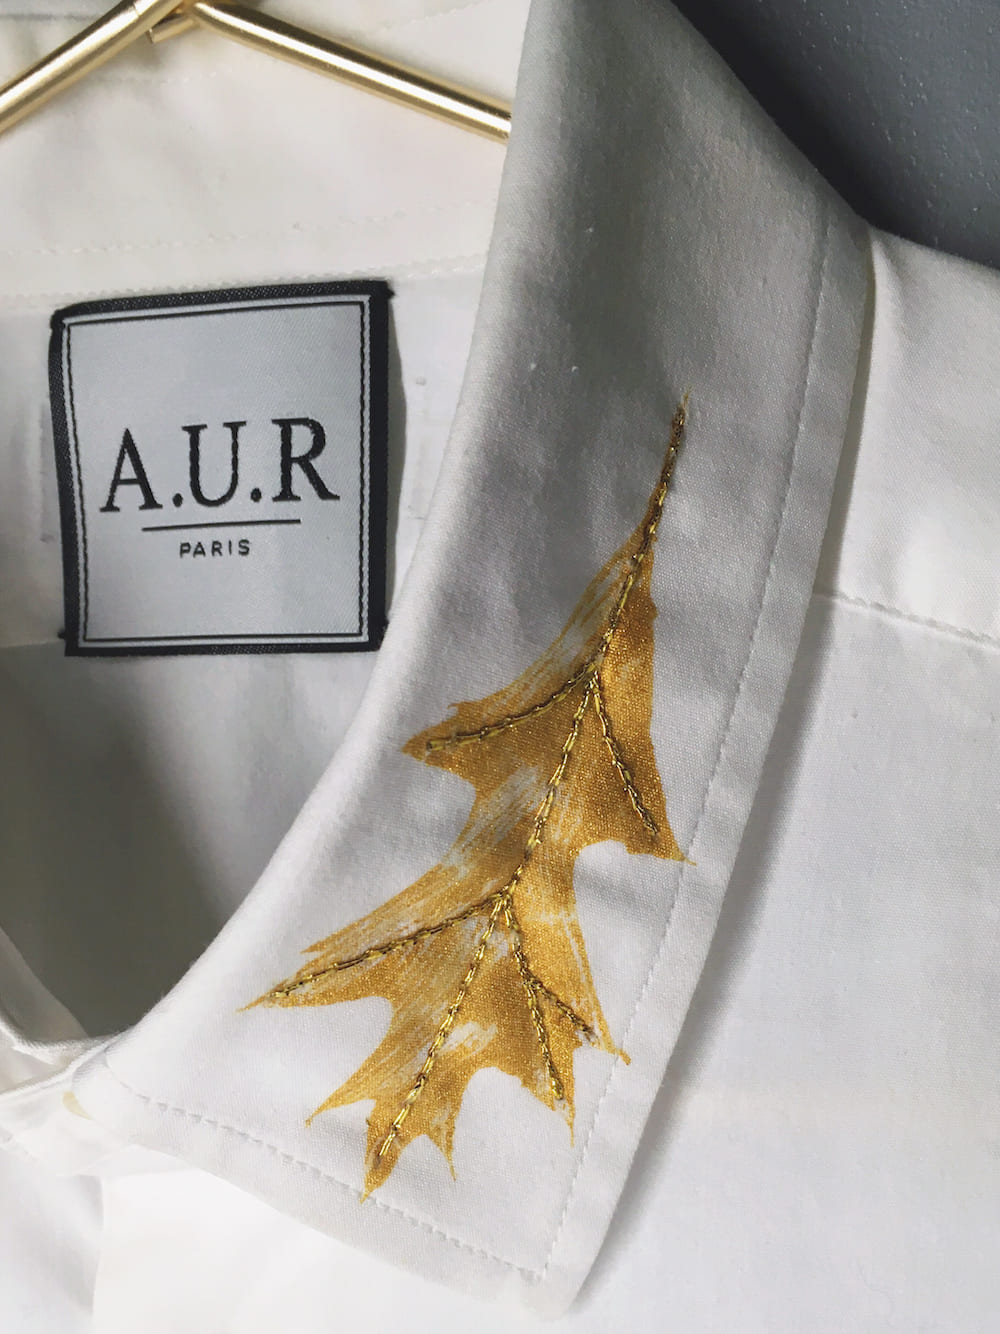 aur paris artisanat unique revalorise chemise vetement upcycling nature fil d or empreinte feuille doree CHC001 col 2